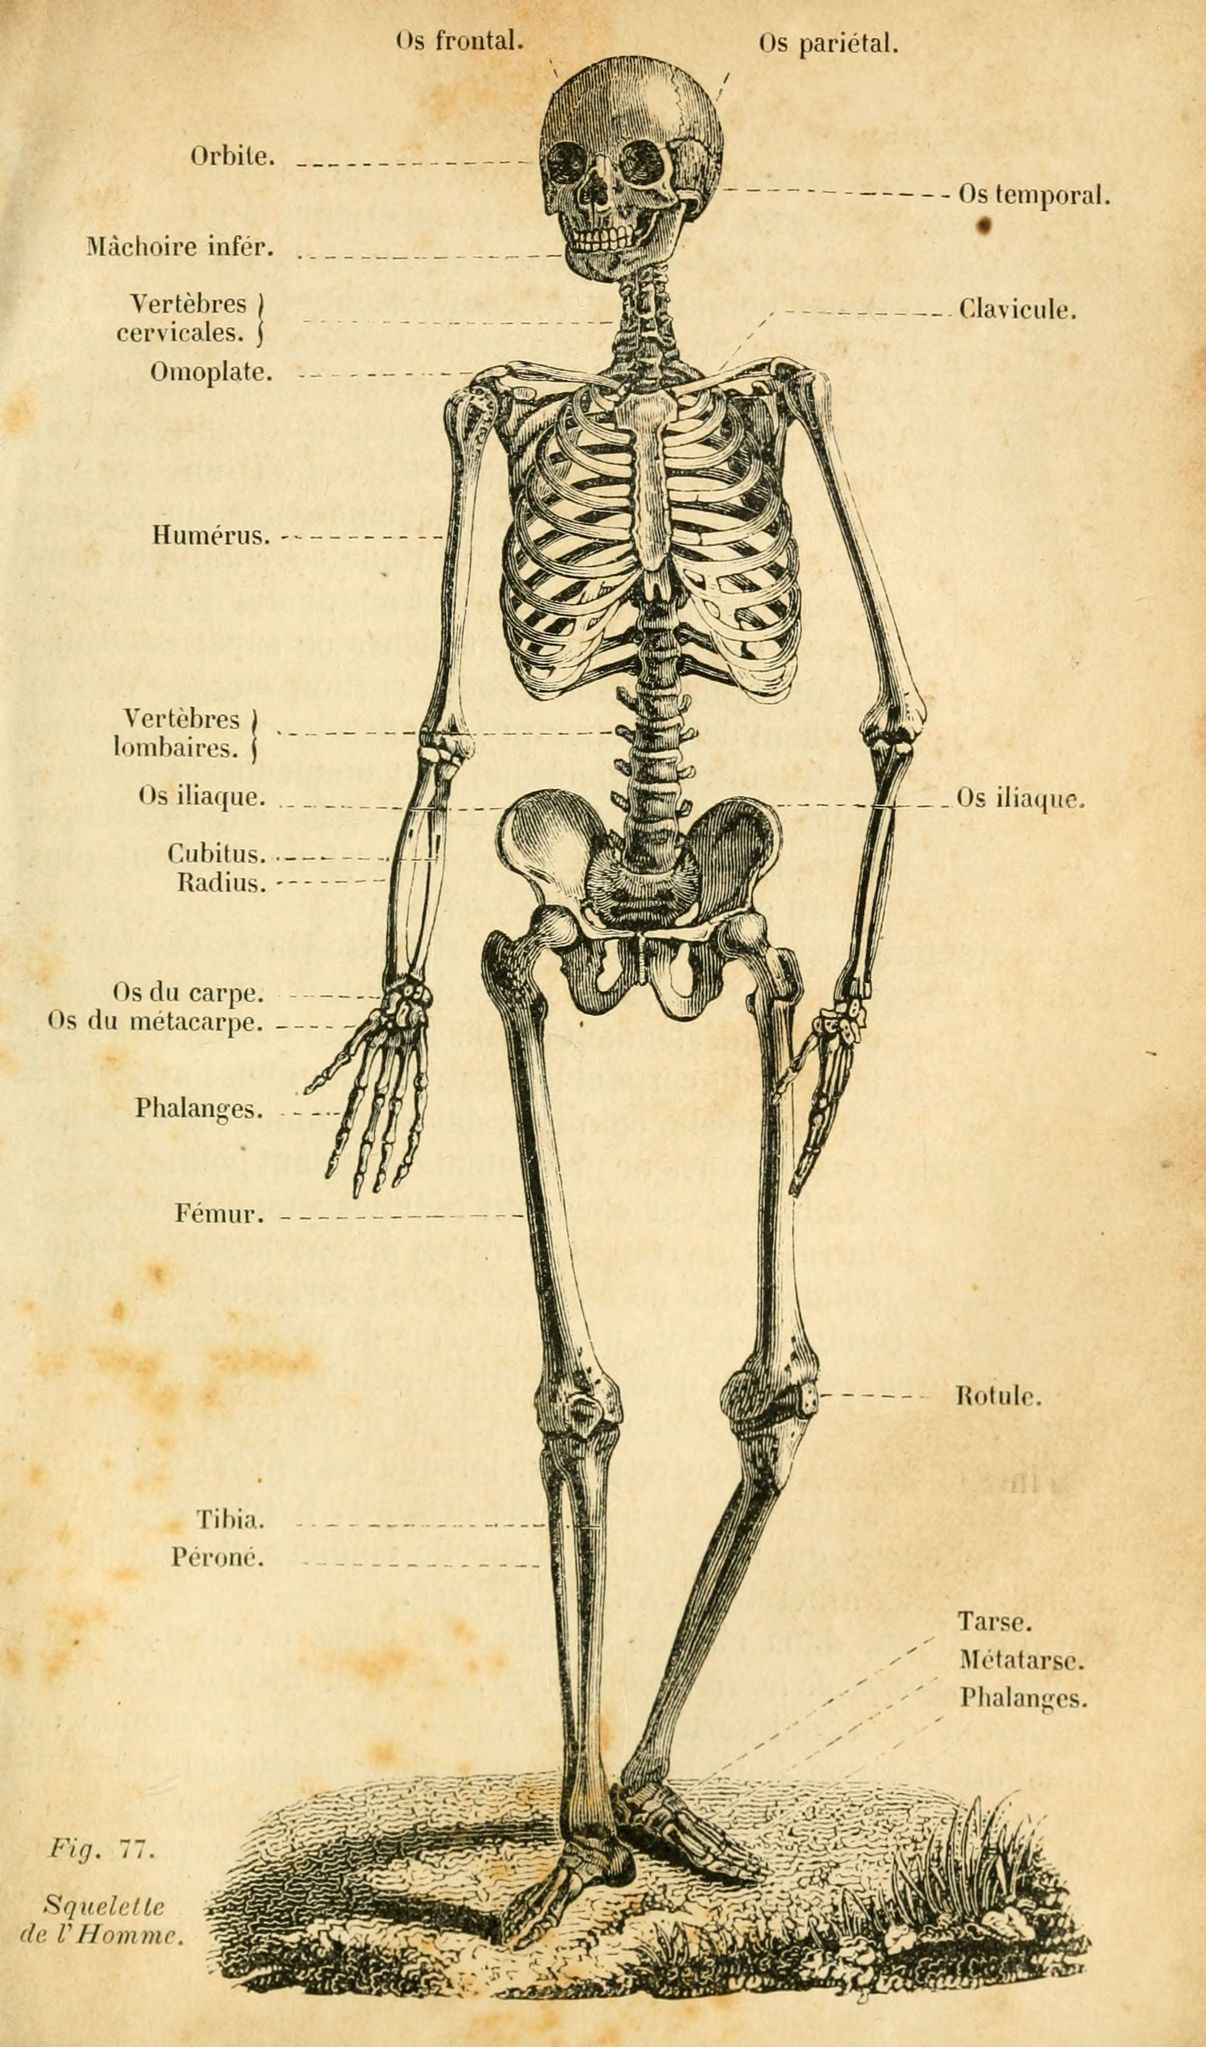 dessins scolaires zoologie dessins scolaires zoologie 199 squelette de l homme gravures. Black Bedroom Furniture Sets. Home Design Ideas